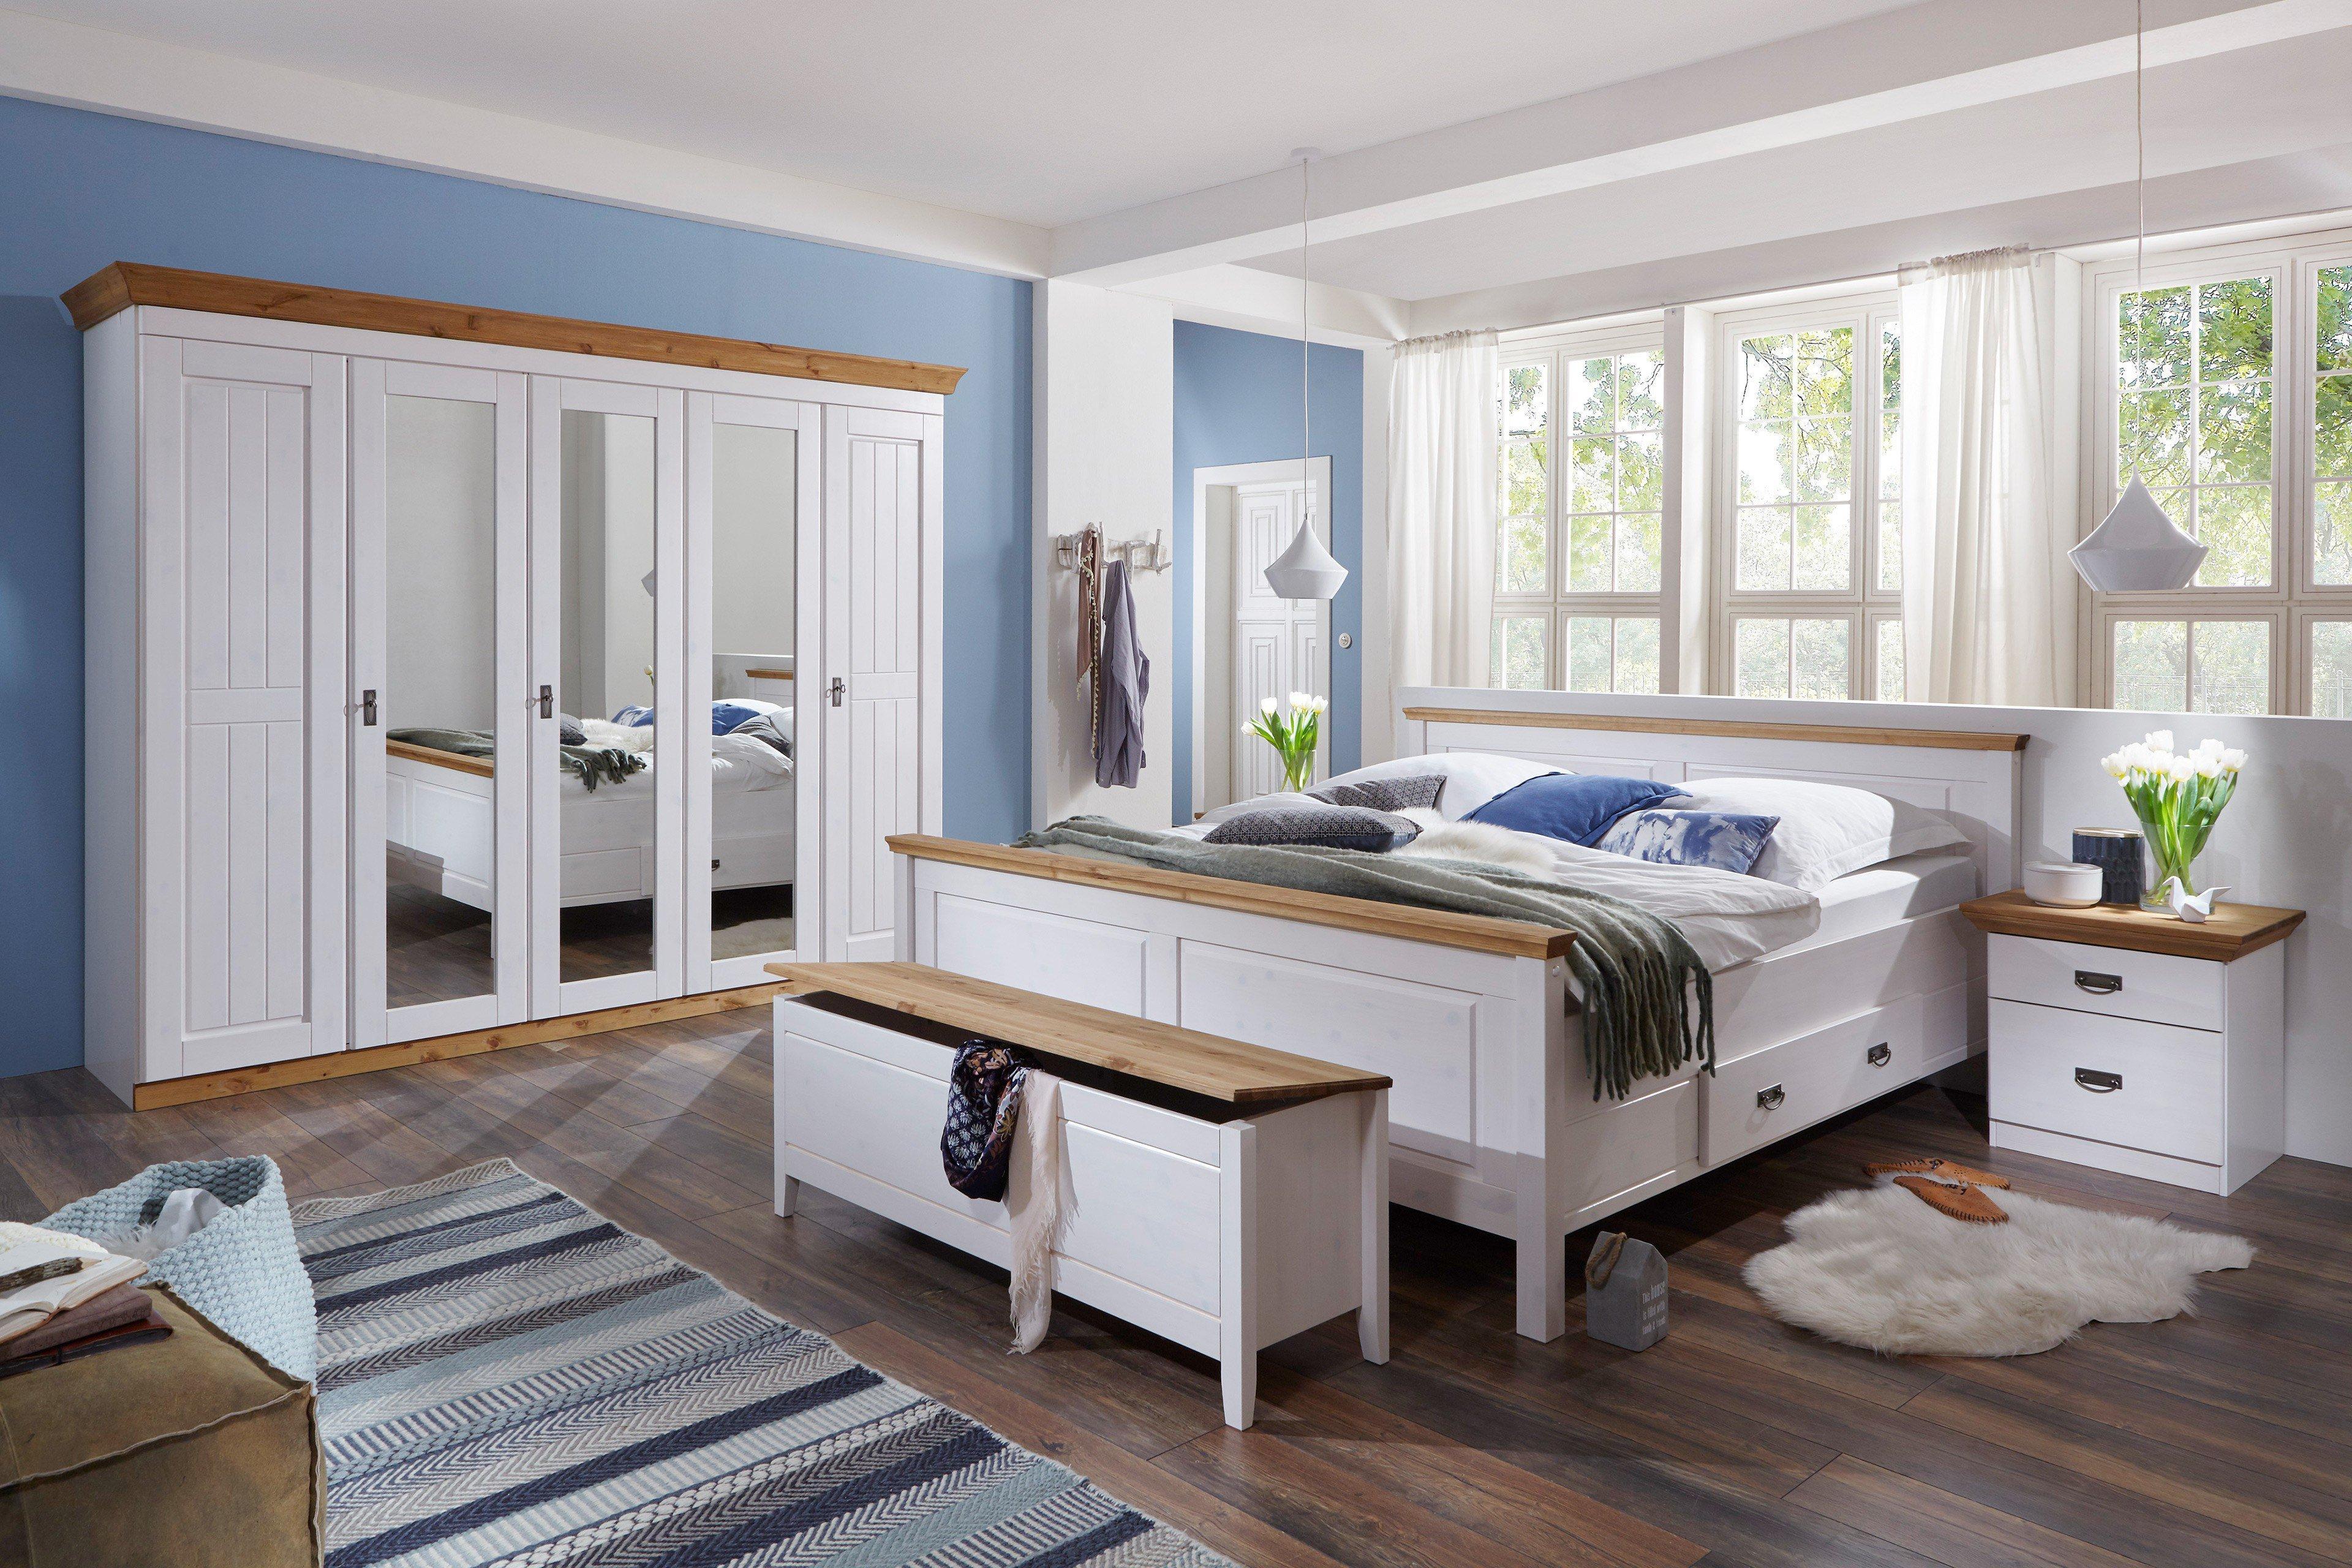 Fantastisch Harri Von Jumek   Schlafzimmer Kiefer Weiß Laugenfarbig